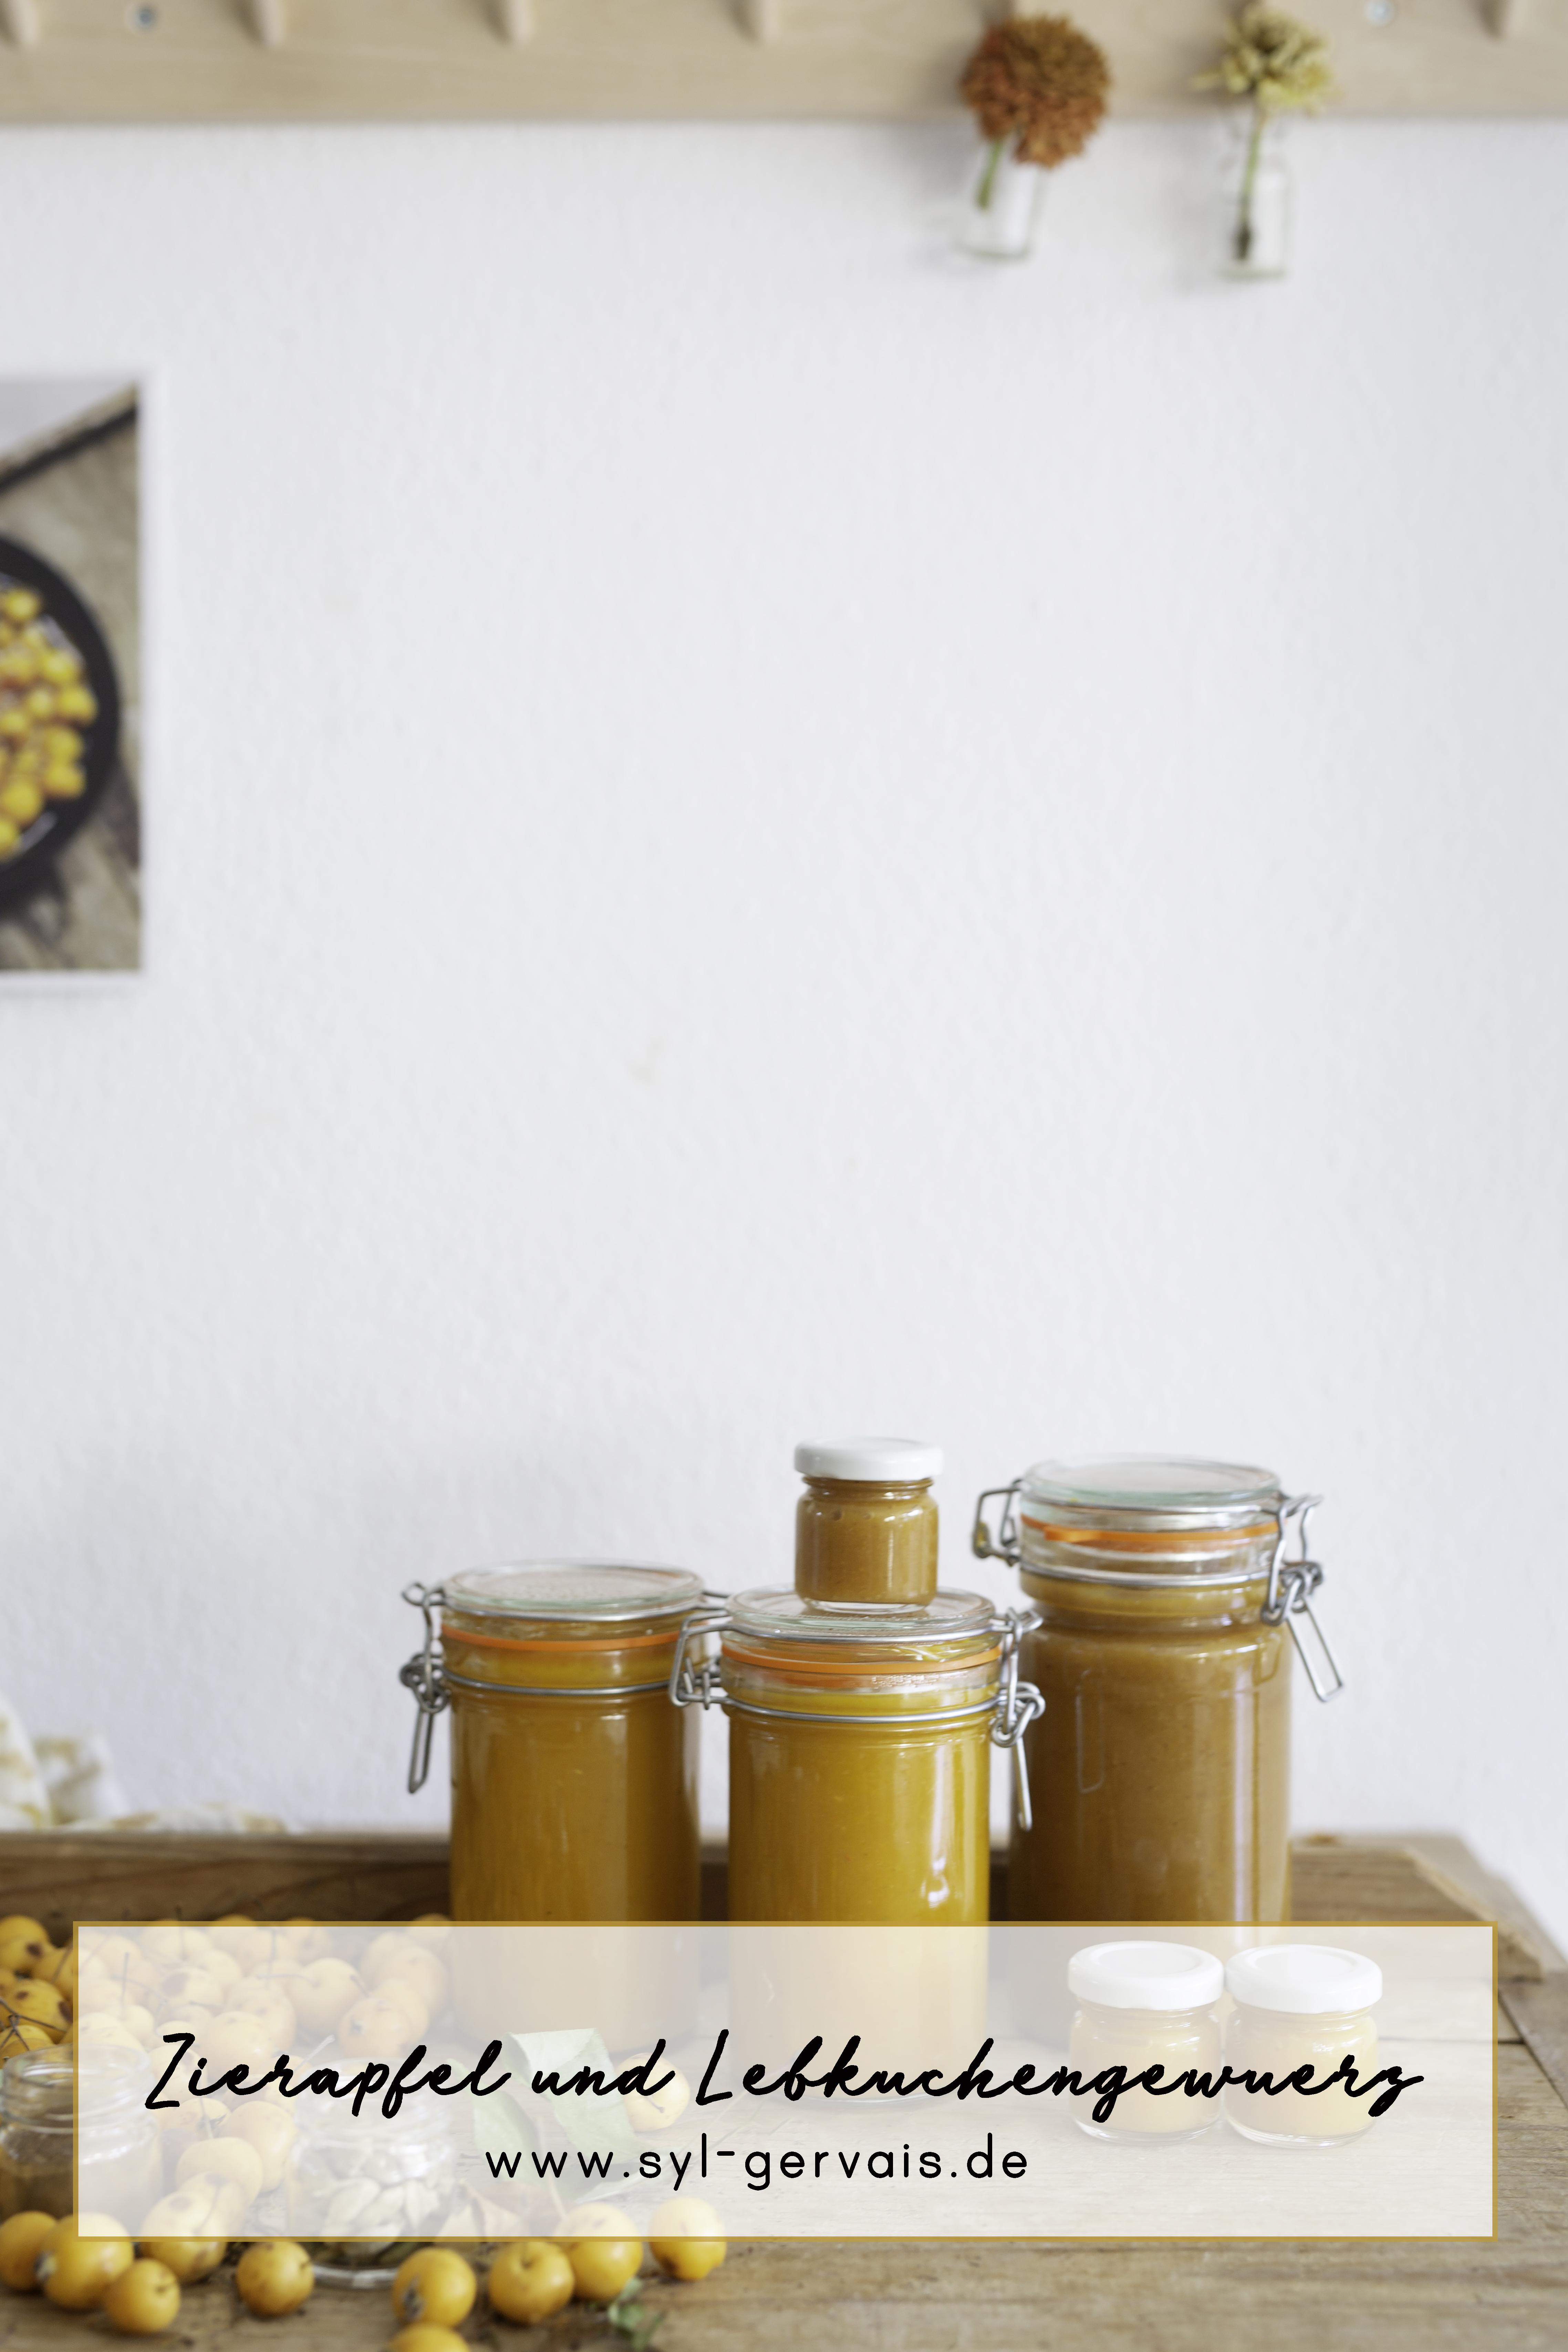 Zieräpfel Marmelade mit Lebkuchengewürz | Gesunde vegane Rezepte, Fermentation, Nachhaltigkeit - Syl Gervais